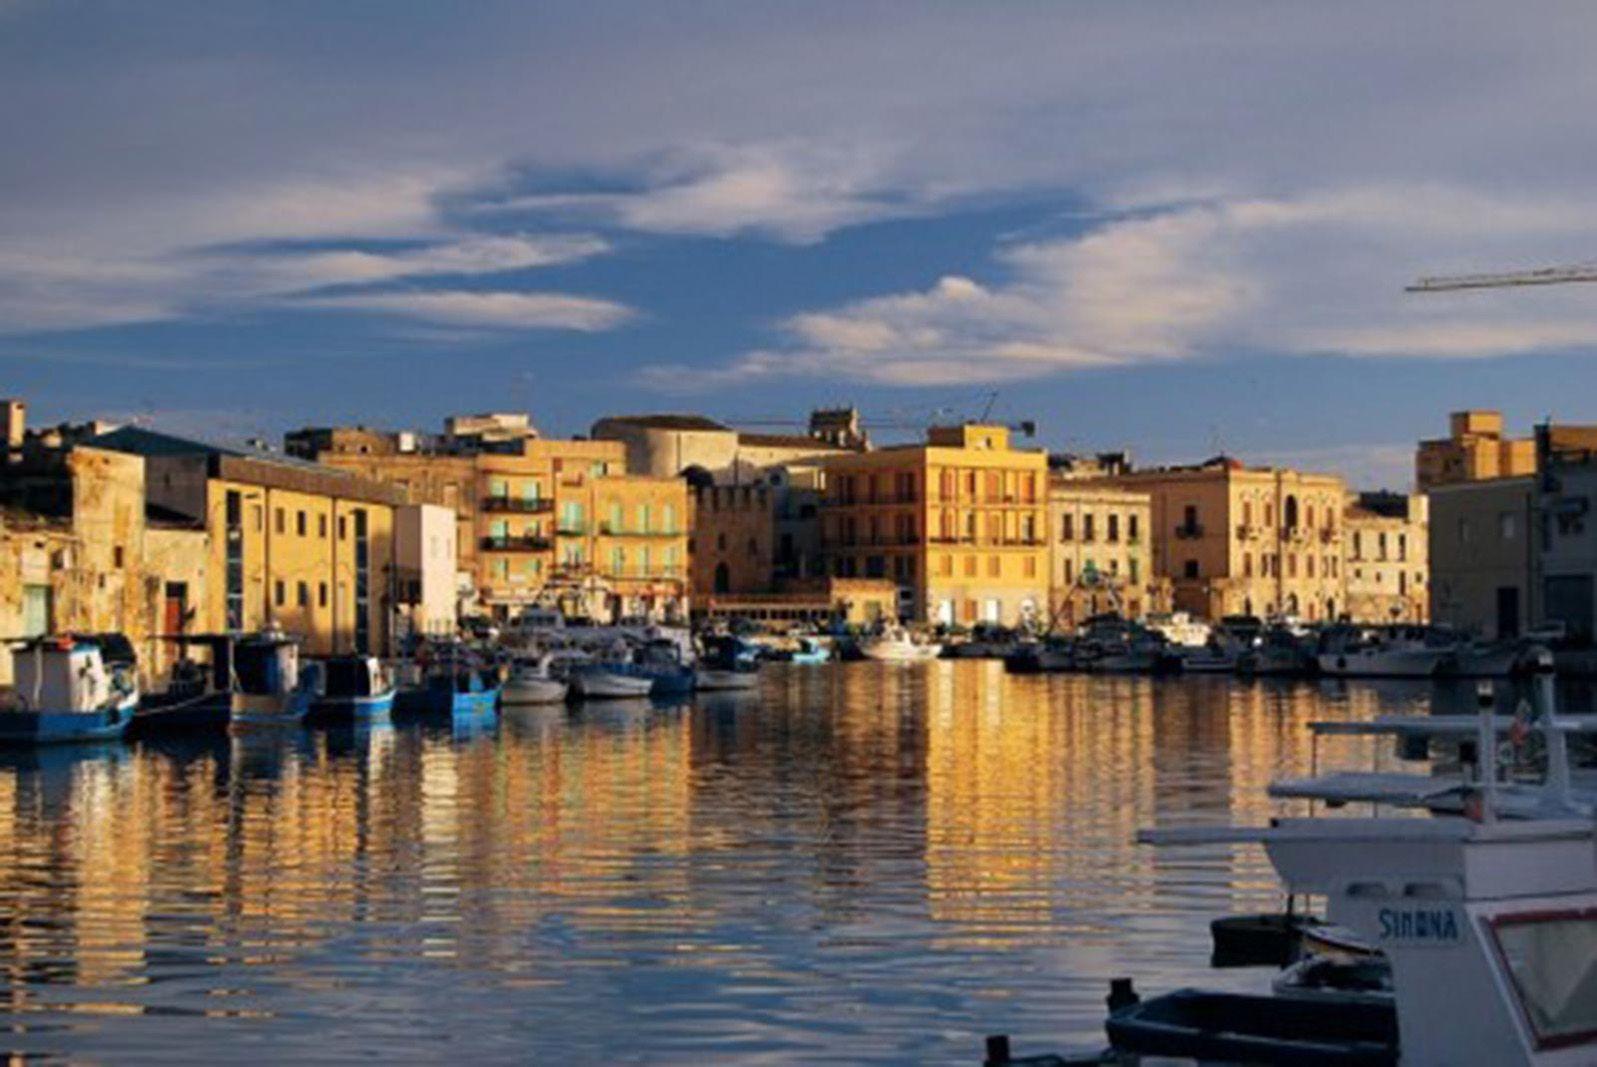 Mazara Del Vallo Sicilia Italia My Father S Homeland Visit Italy Mazara Del Vallo Europe Travel